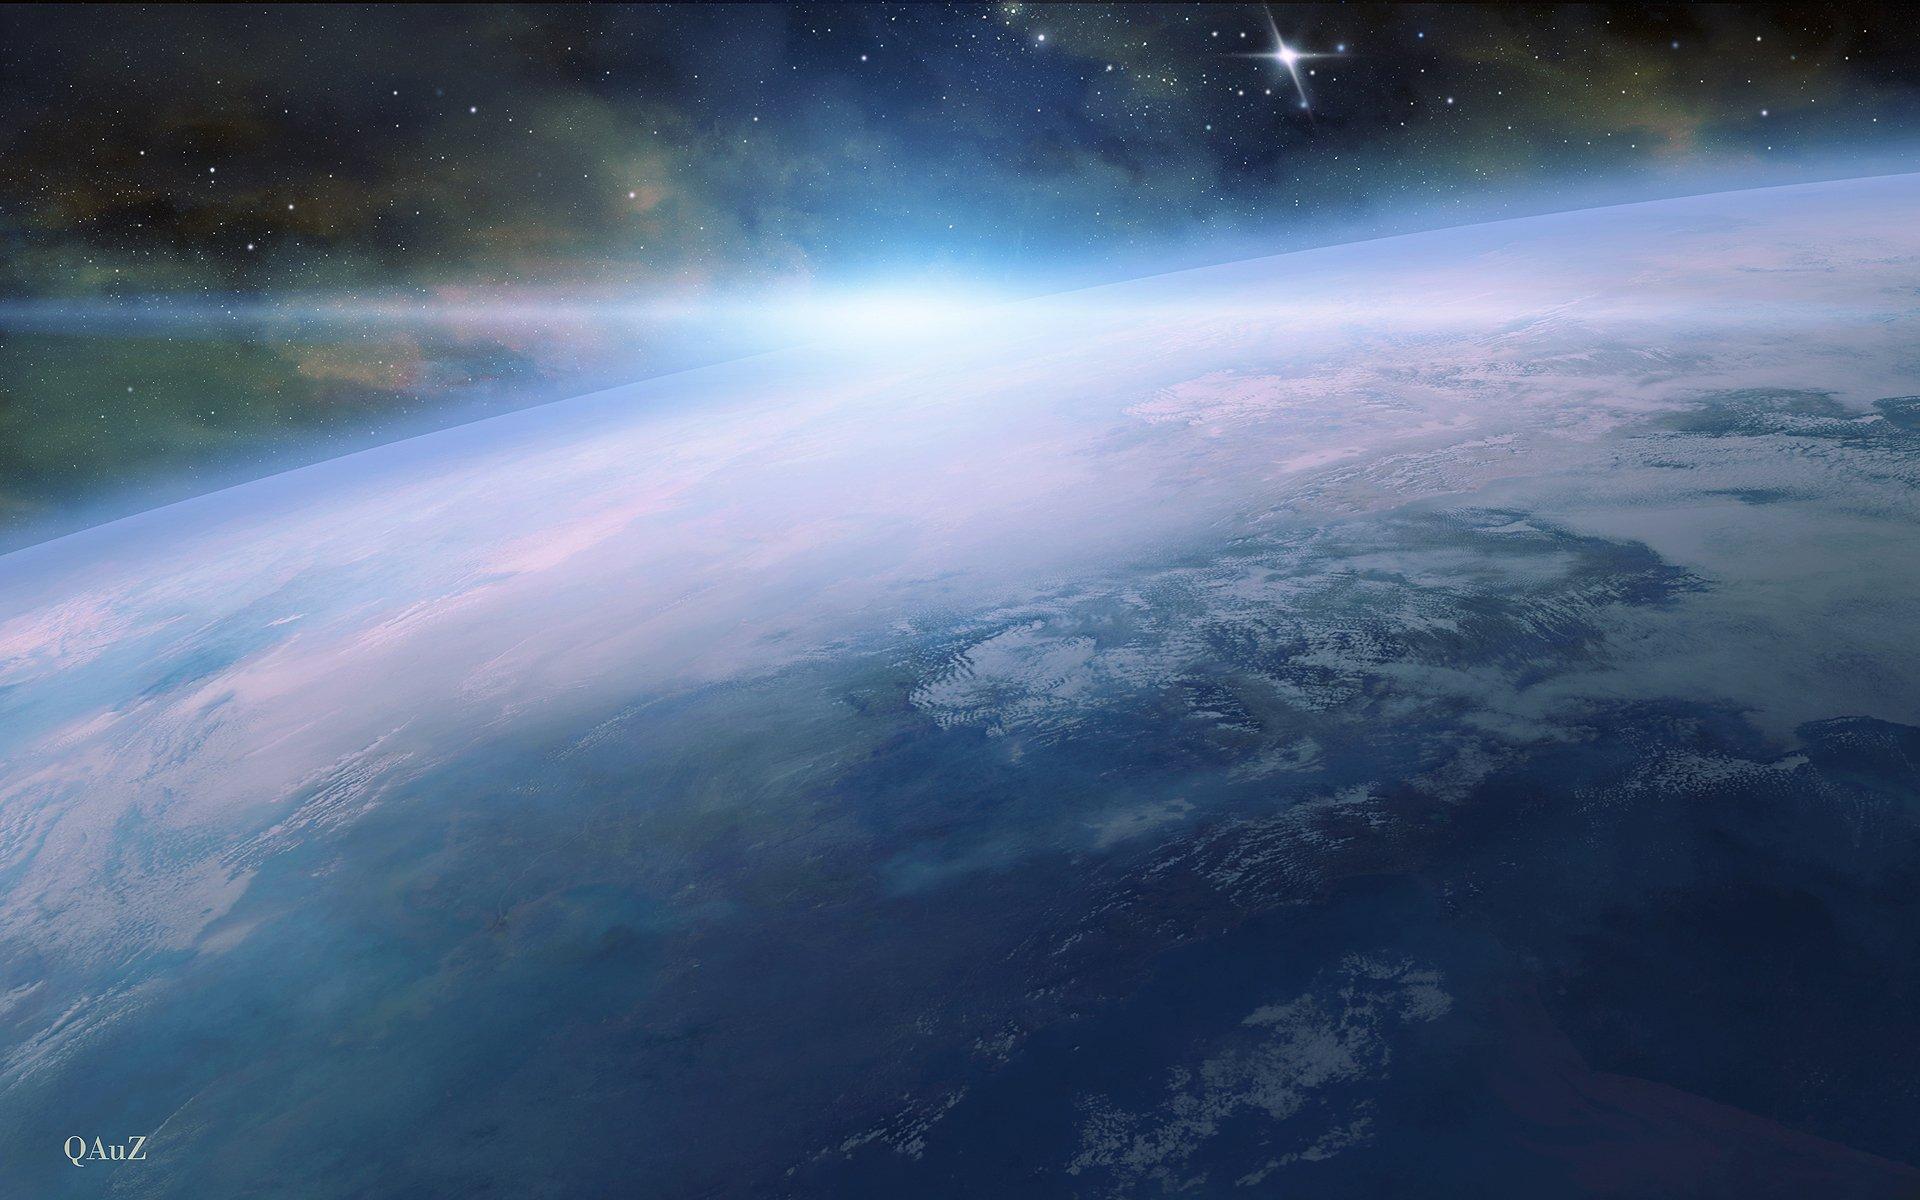 свои фото космос атмосфера фото целесообразности включения